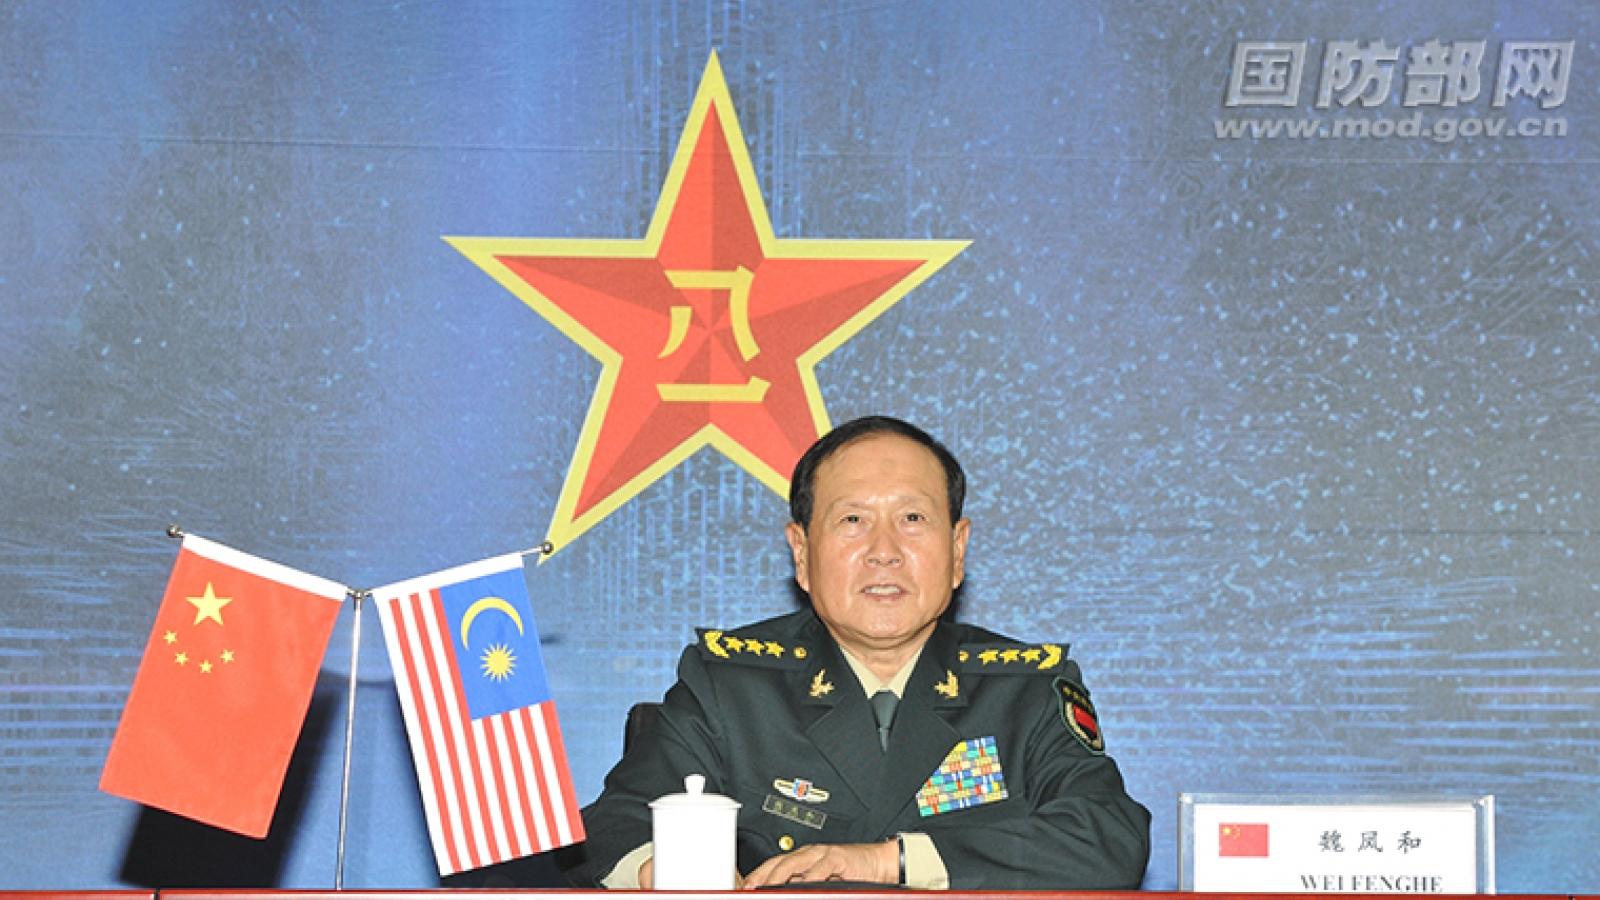 Trung Quốc và Malaysia cam kết hợp tác đảm bảo an ninh khu vực